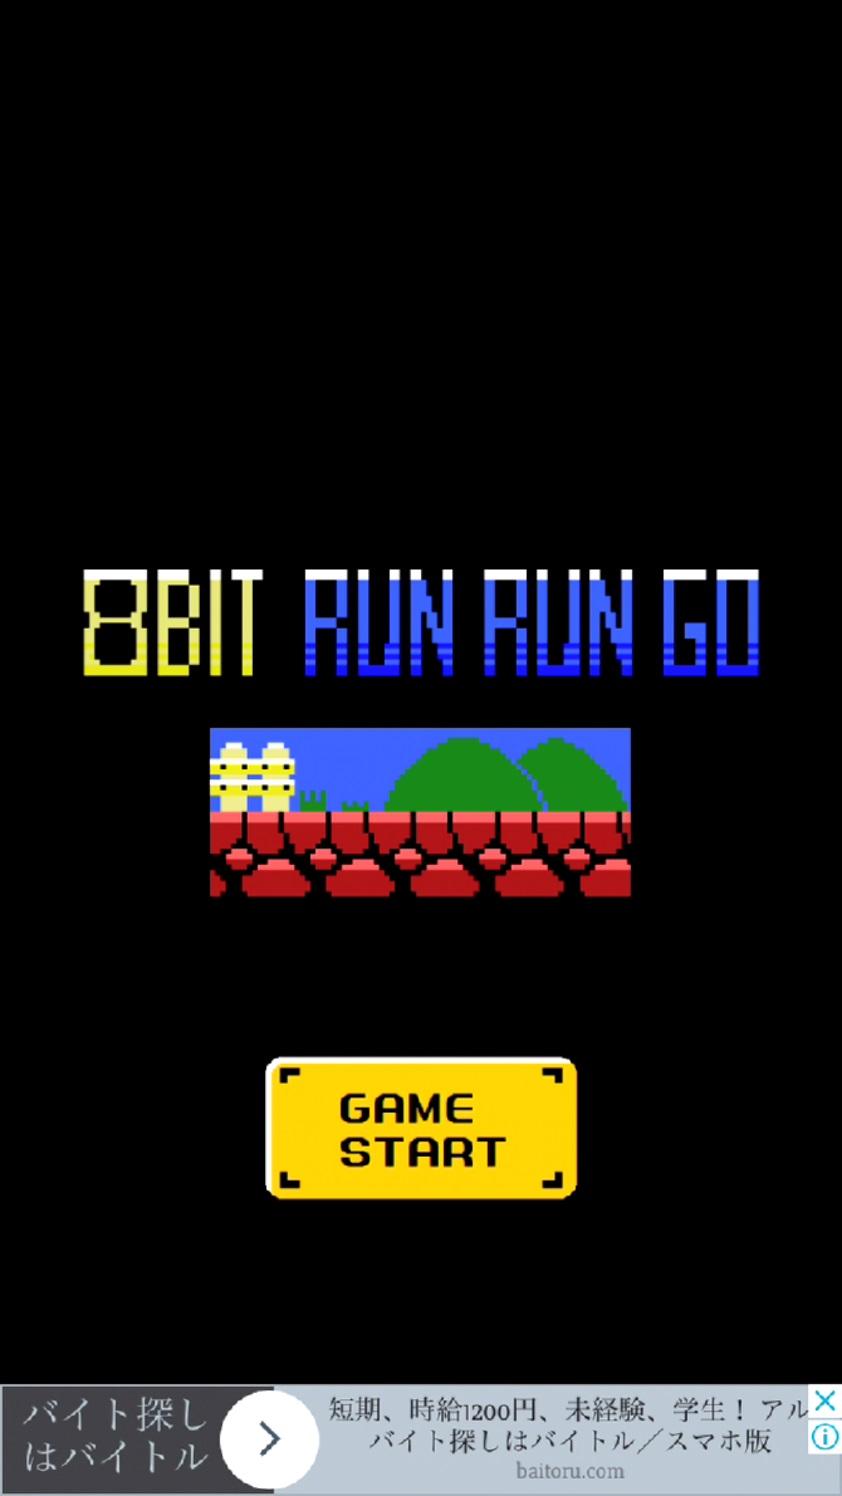 androidアプリ 8bit run run go攻略スクリーンショット1